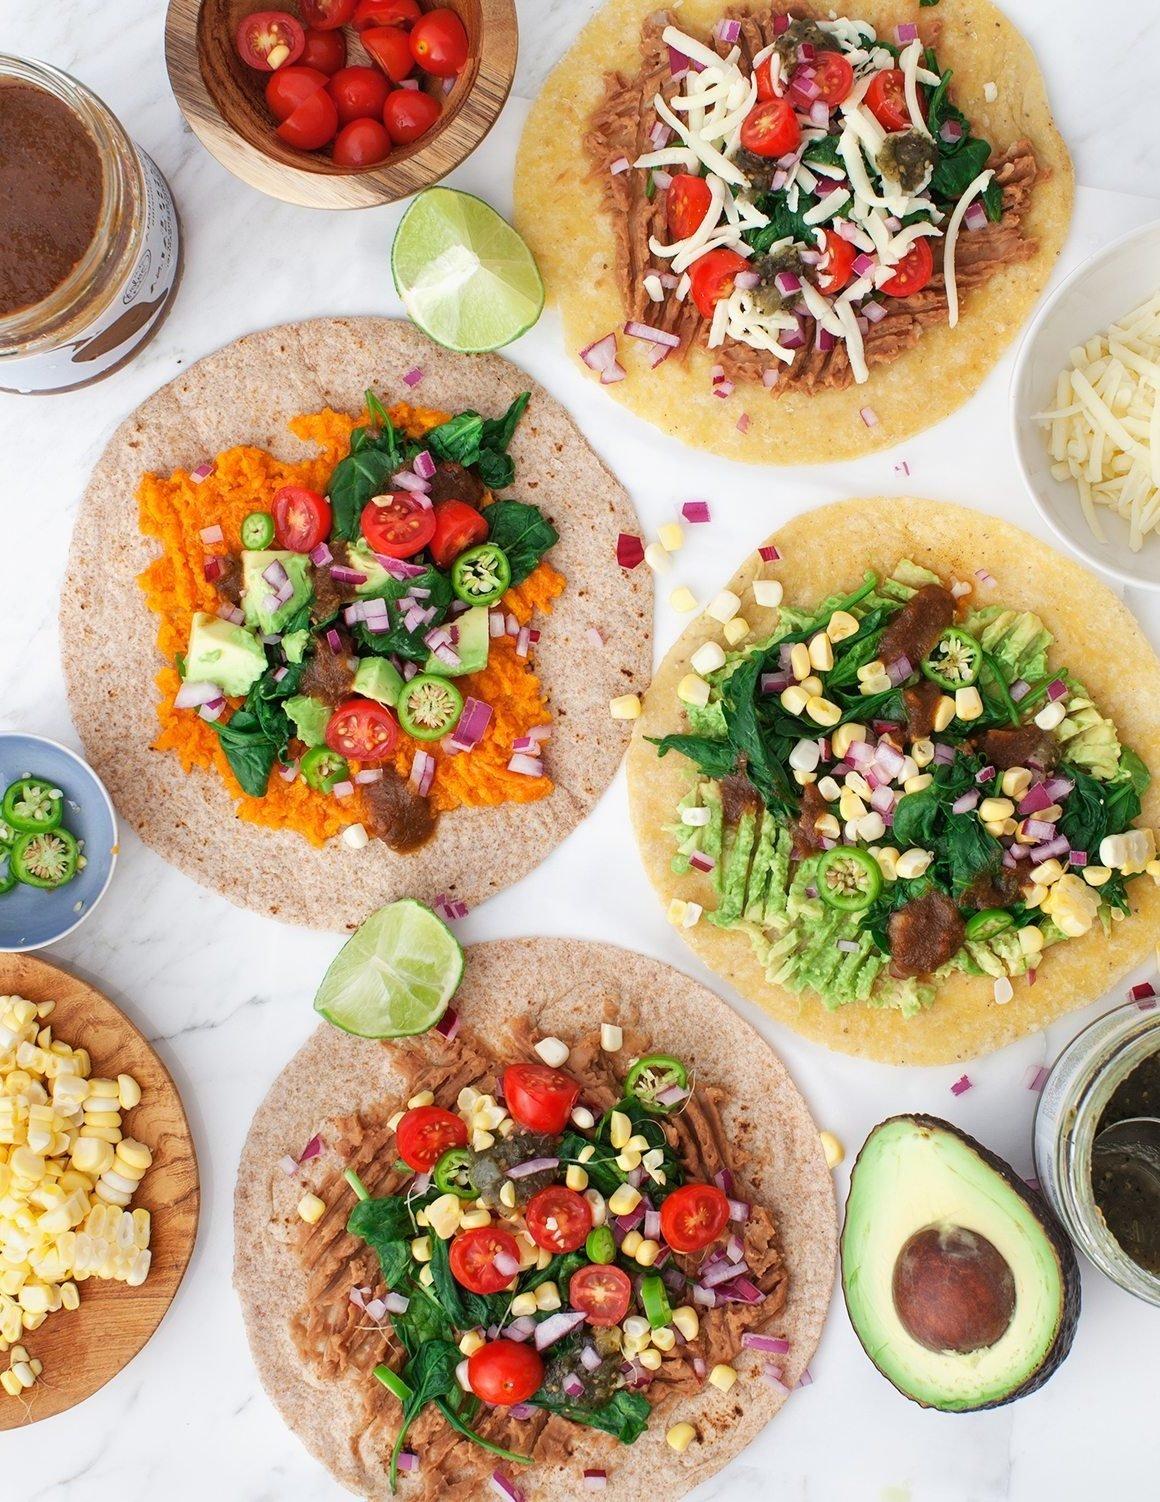 Geiles Essen - Vegane Tortillas